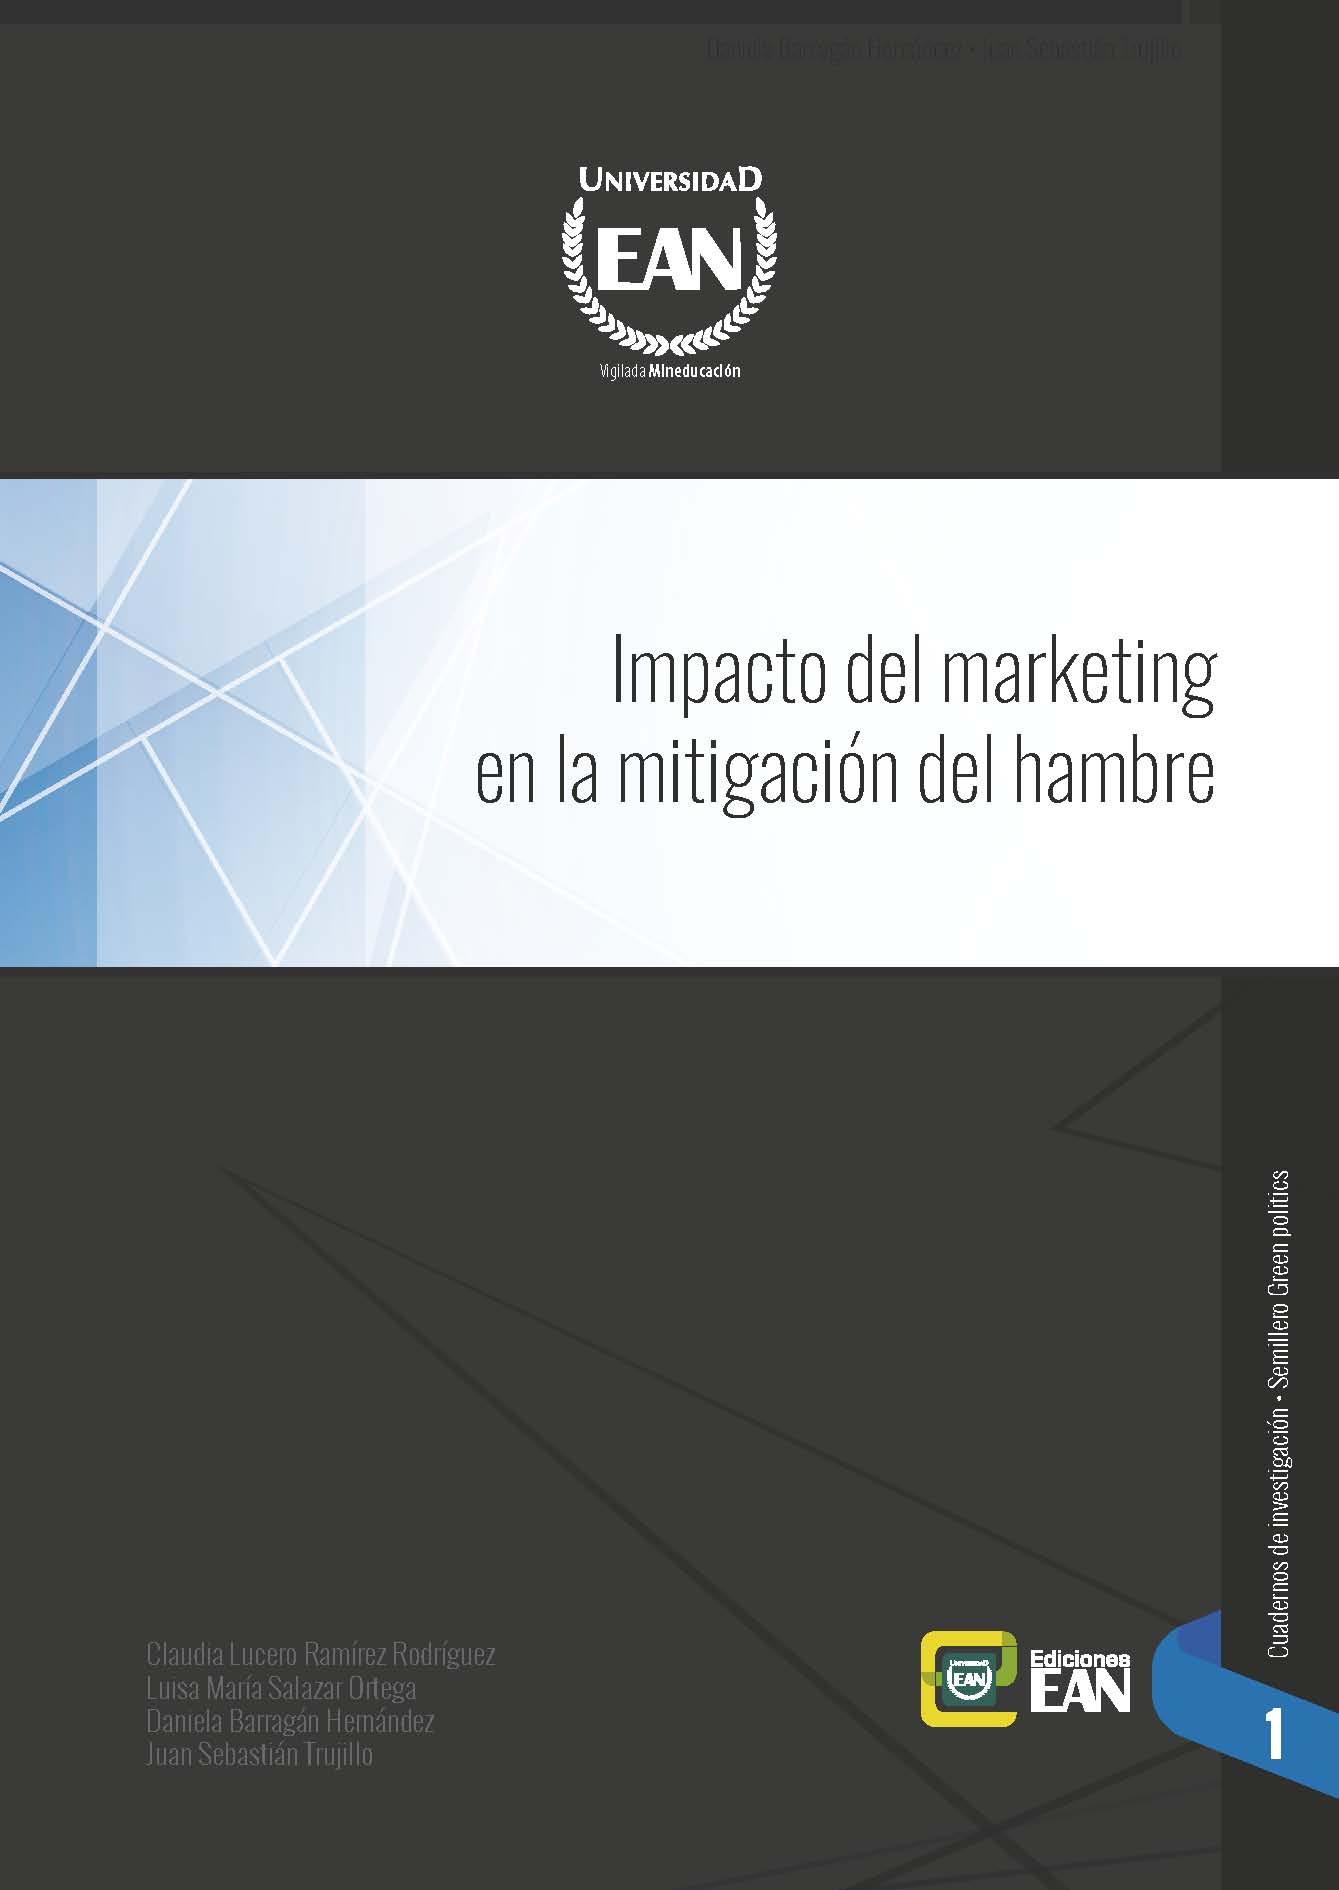 Impacto del marketing en  la mitigación del hambre